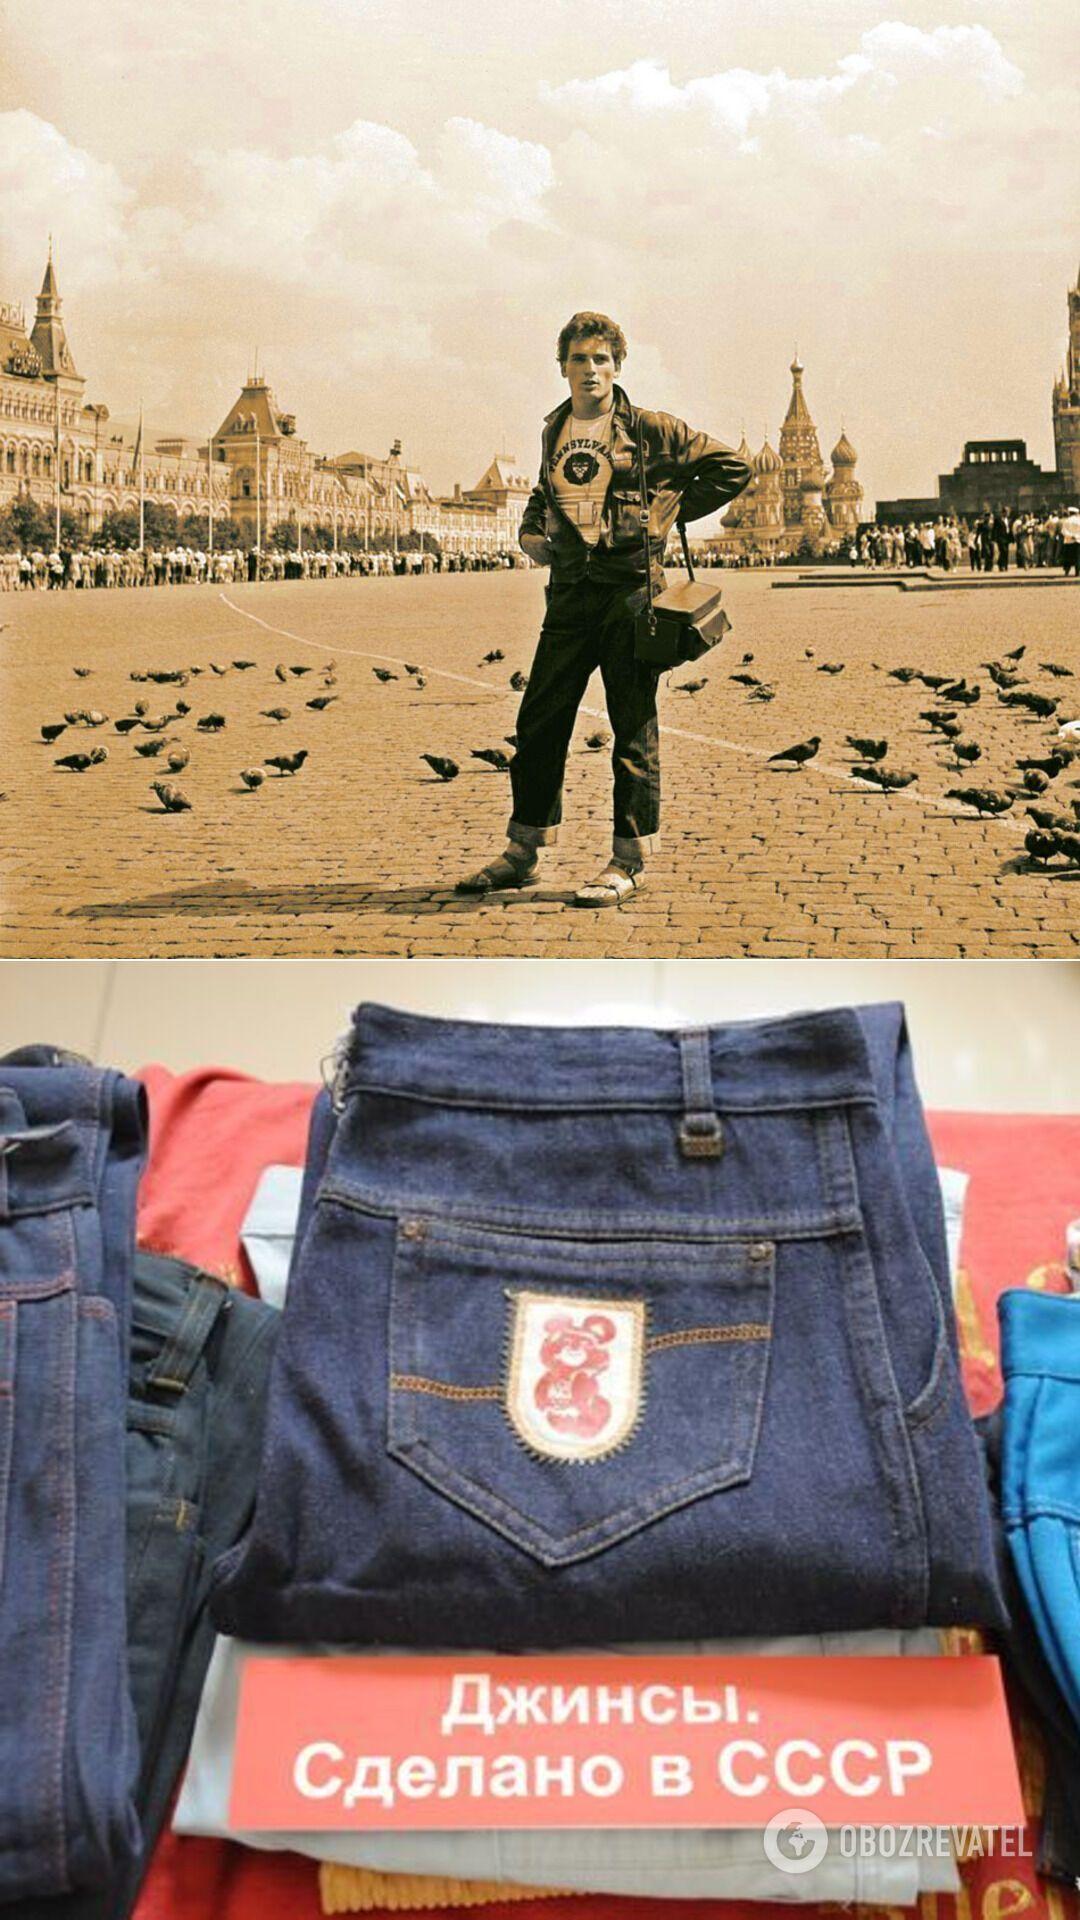 Заграничные джинсы в СССР стоили дорого